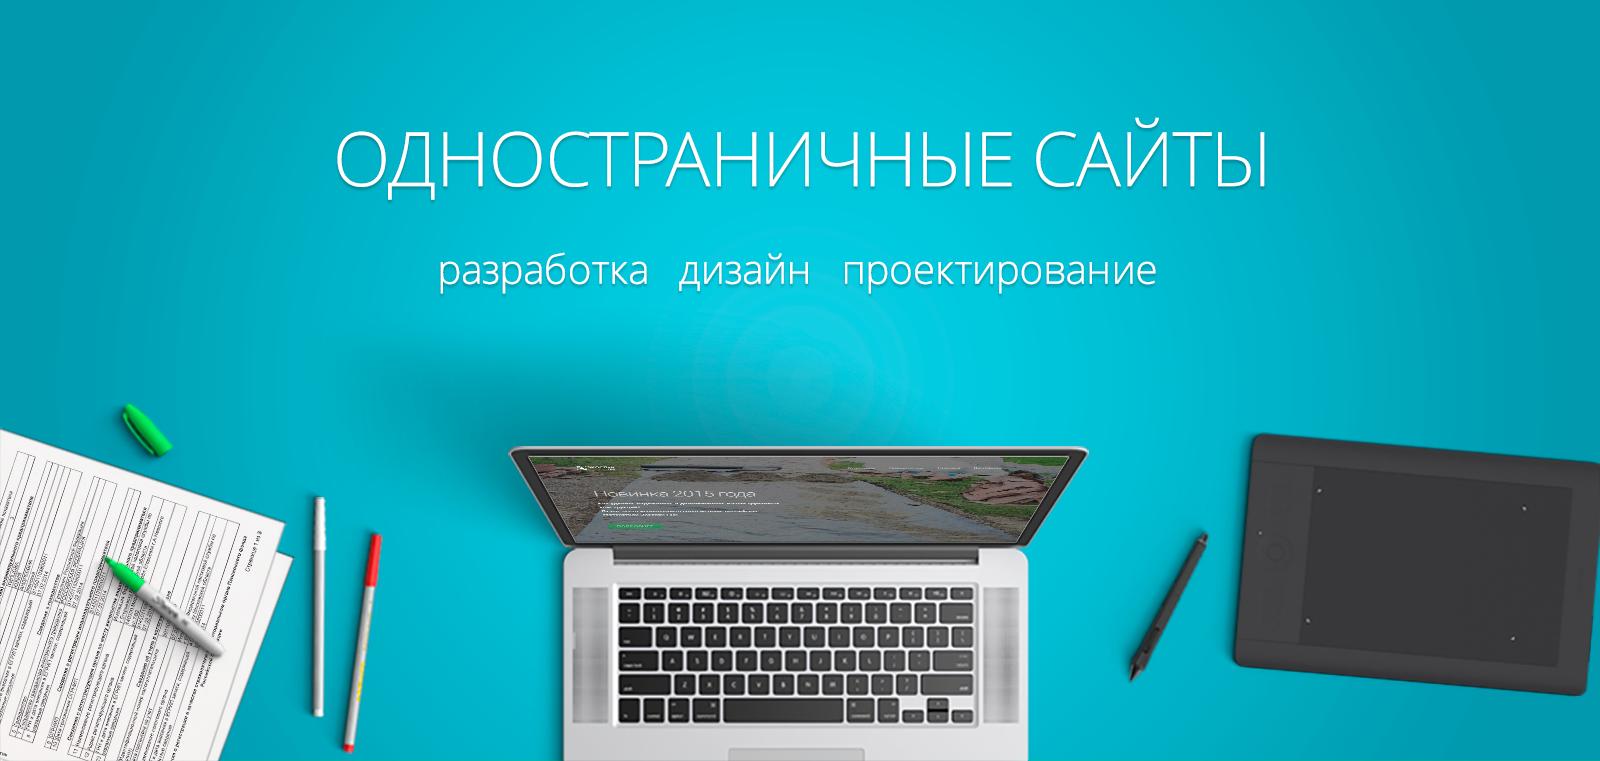 Разработка одностраничных сайтов: визитки, лэндинги, промо